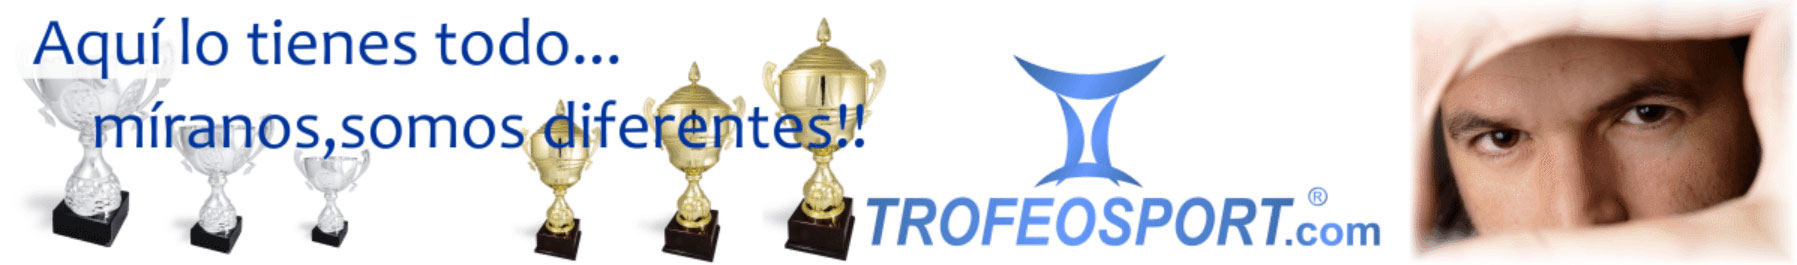 Trofeos y medallas deportivas